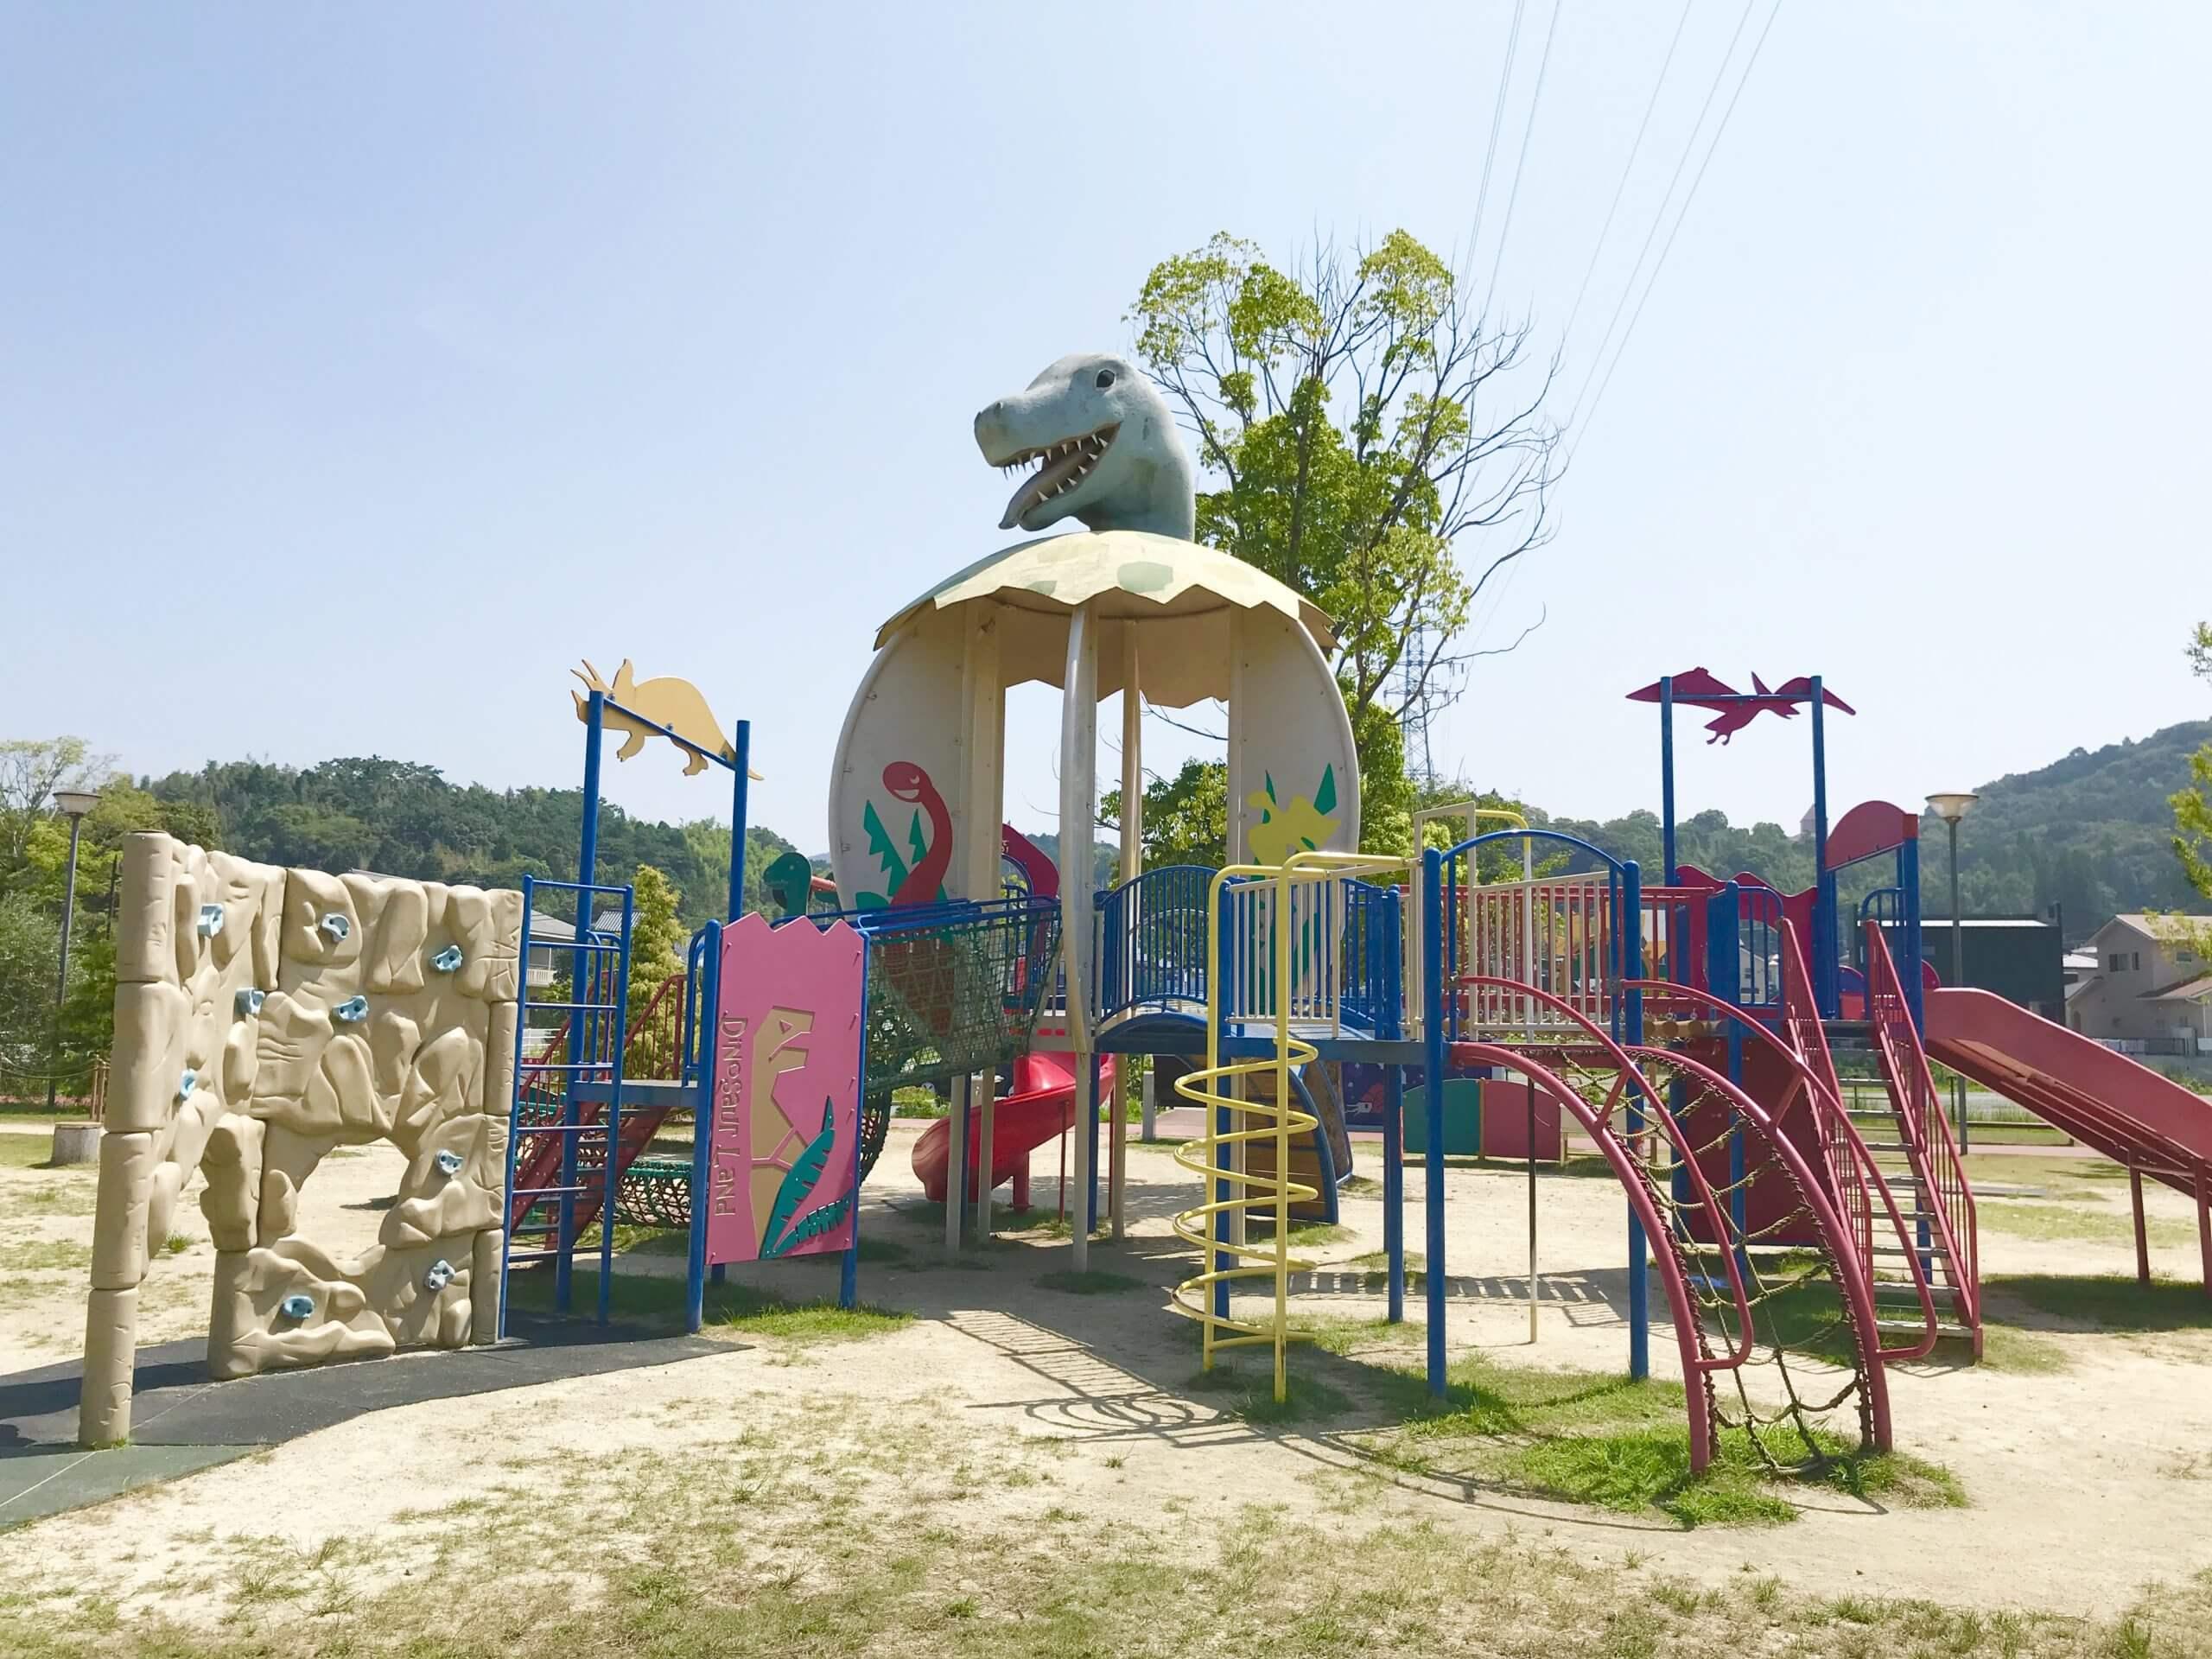 【ふれあい広場】恐竜の遊具で思いっ切り遊べる公園♪健康器具も充実!《上益城郡御船町》